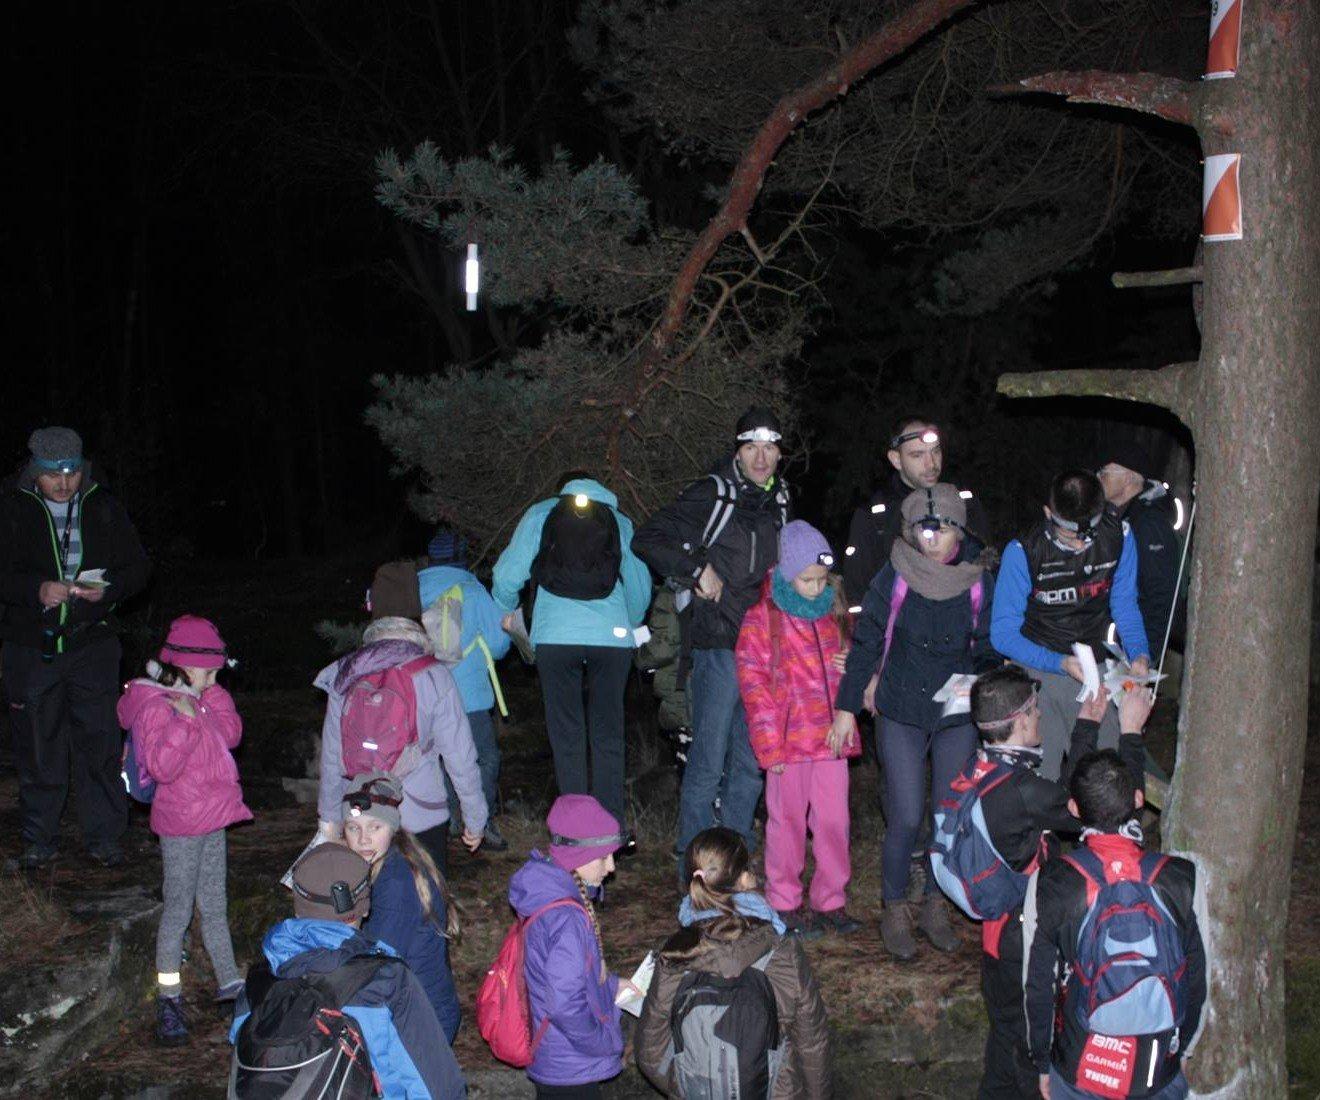 Bieg na orientacje - atrakcje dla dzieci Wrocław 2018